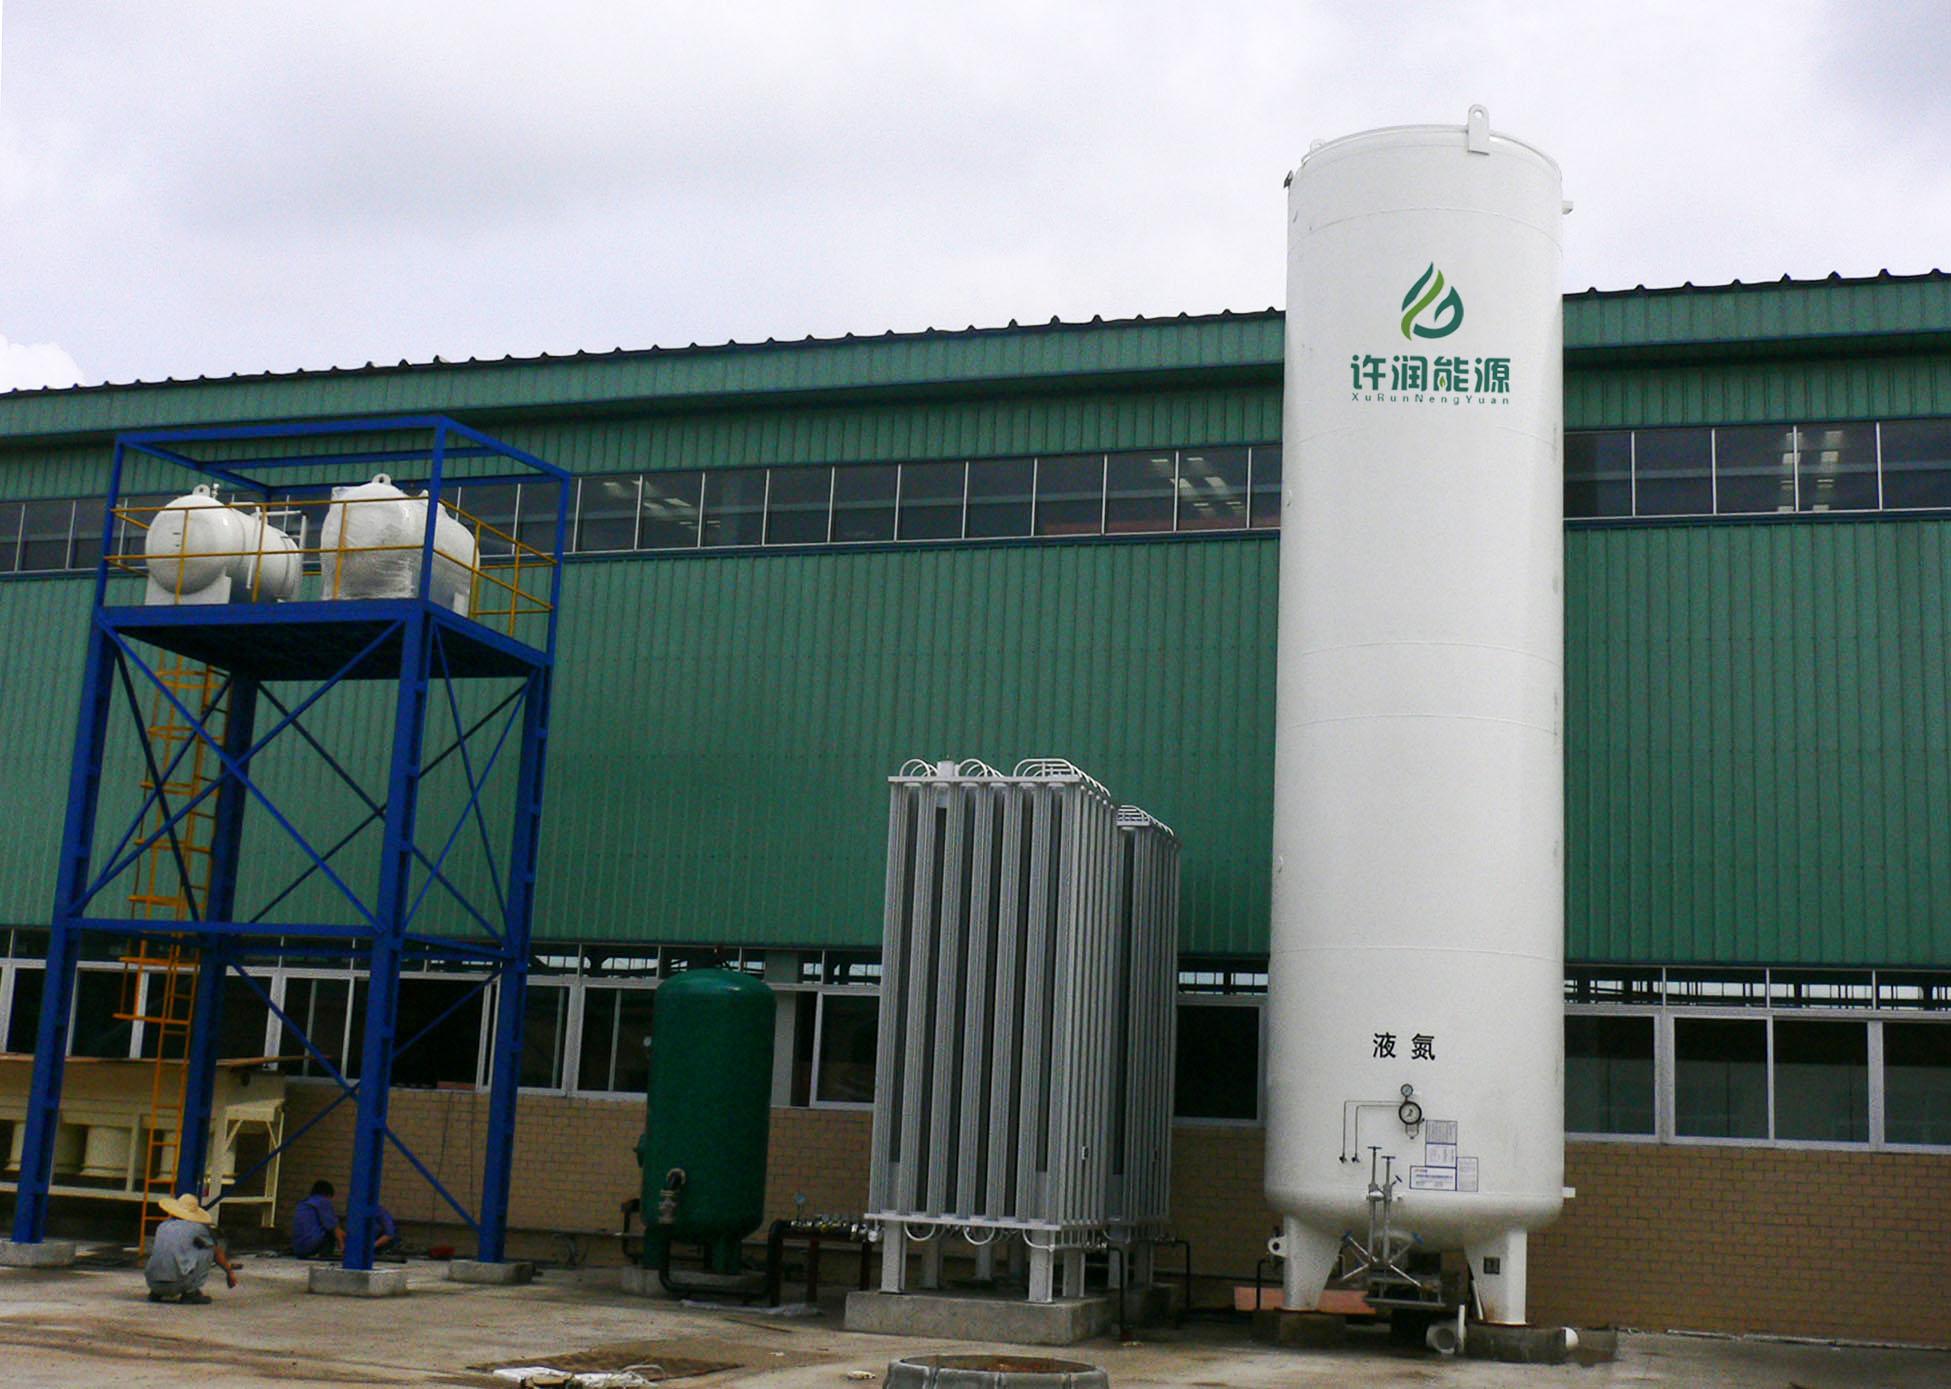 2、低温储罐的优点:   以前我们储存气体大部分使用压力装置,这种方法有两个明显的缺点:需要较大的压力,使设备长期存在于危险之中;容积小,由于压力的限制我们很难将高压容器设备建造得很大。   低温储罐恰好克服了这两个缺点,在低温下,气体很自然的变为液态,压力仅为常压或略高于常压。   结合这些优点,低温储罐的发展空间是非常大的。在储存领域,他的地位是肯定的,现在国内大部分沿海地区如湛江、大连等地区已开始兴建LNG储罐,在运输领域它也正被应用,最典型的例子是低温运输船。   3、内罐+保温+金属外壳结